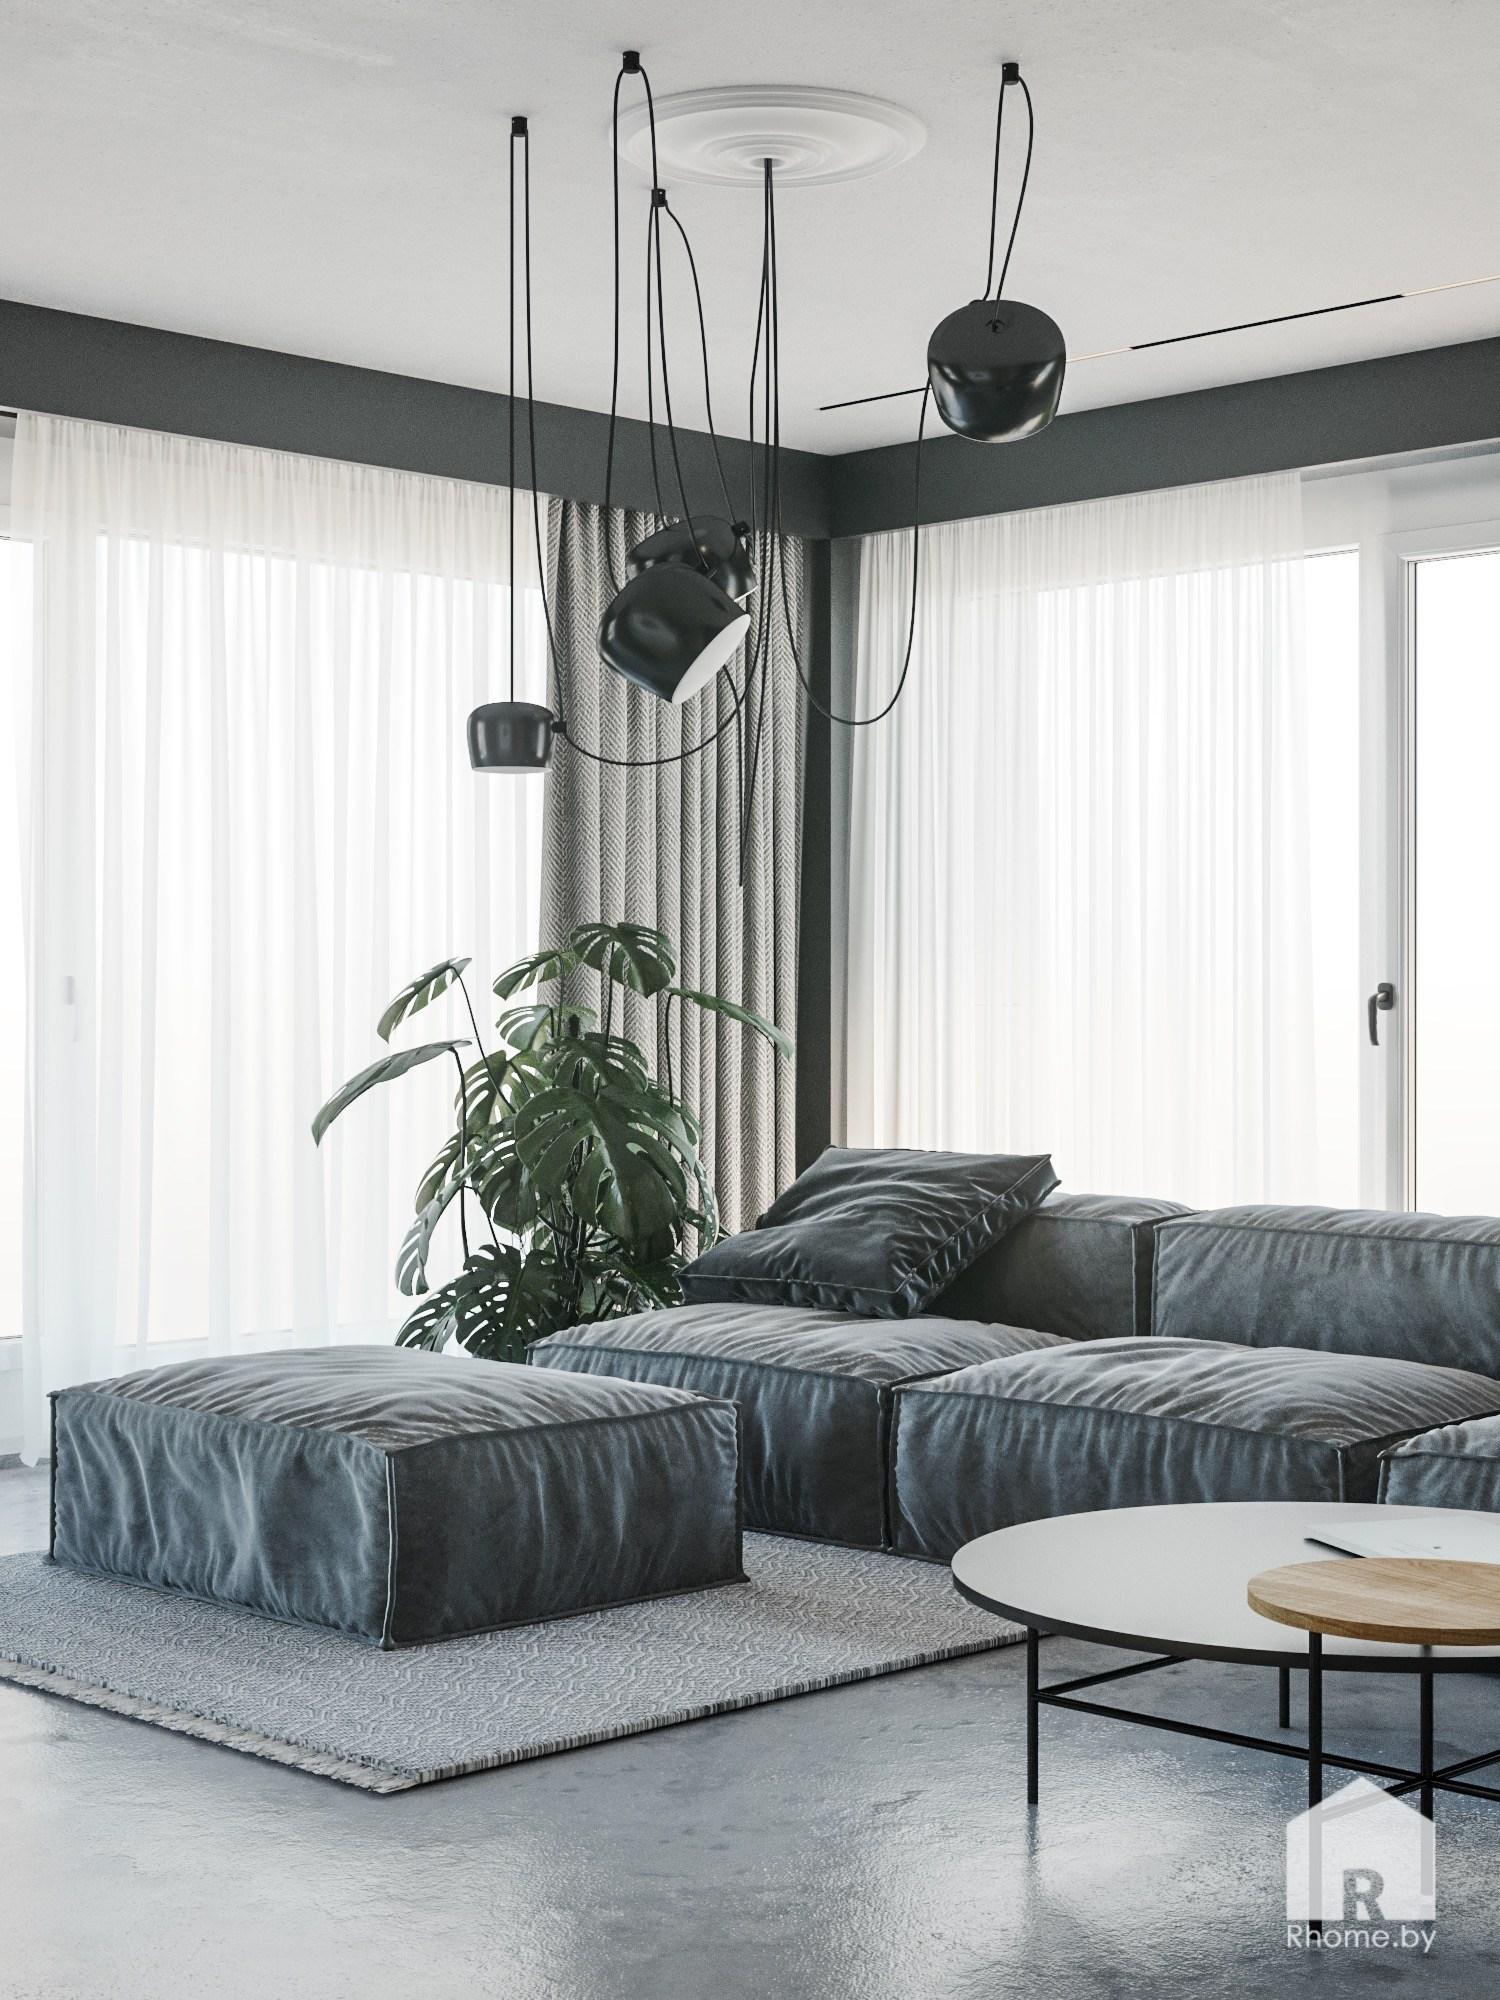 Мягкий серый диван в гостиной с большими окнами и черной люстрой над ним и круглым журнальным столиком рядом.